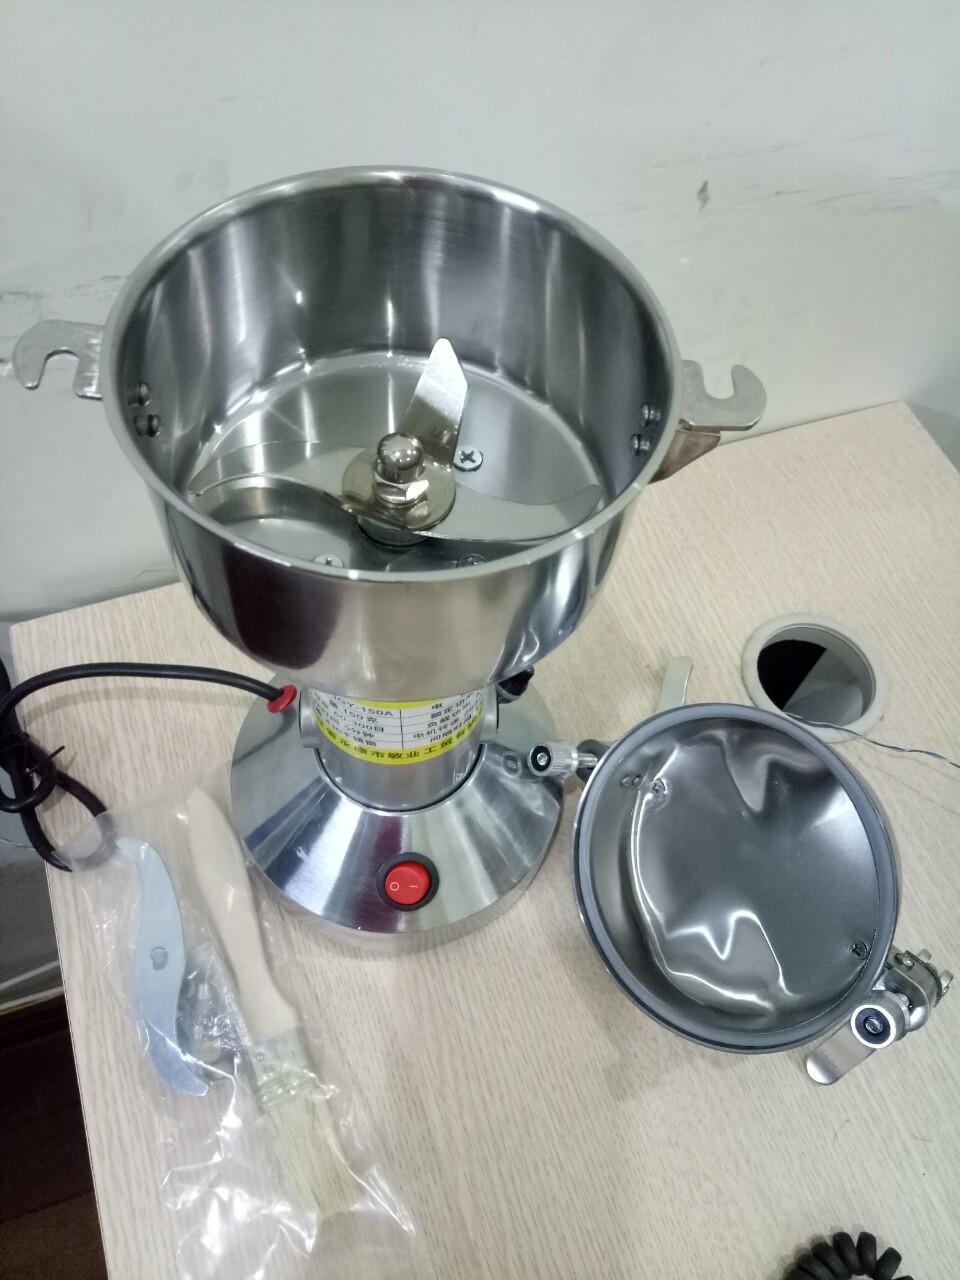 Máy xay nghệ, bột quế hồi, ớt khô bằng inox dành cho bếp gia đình tối đa 150g/lần xay